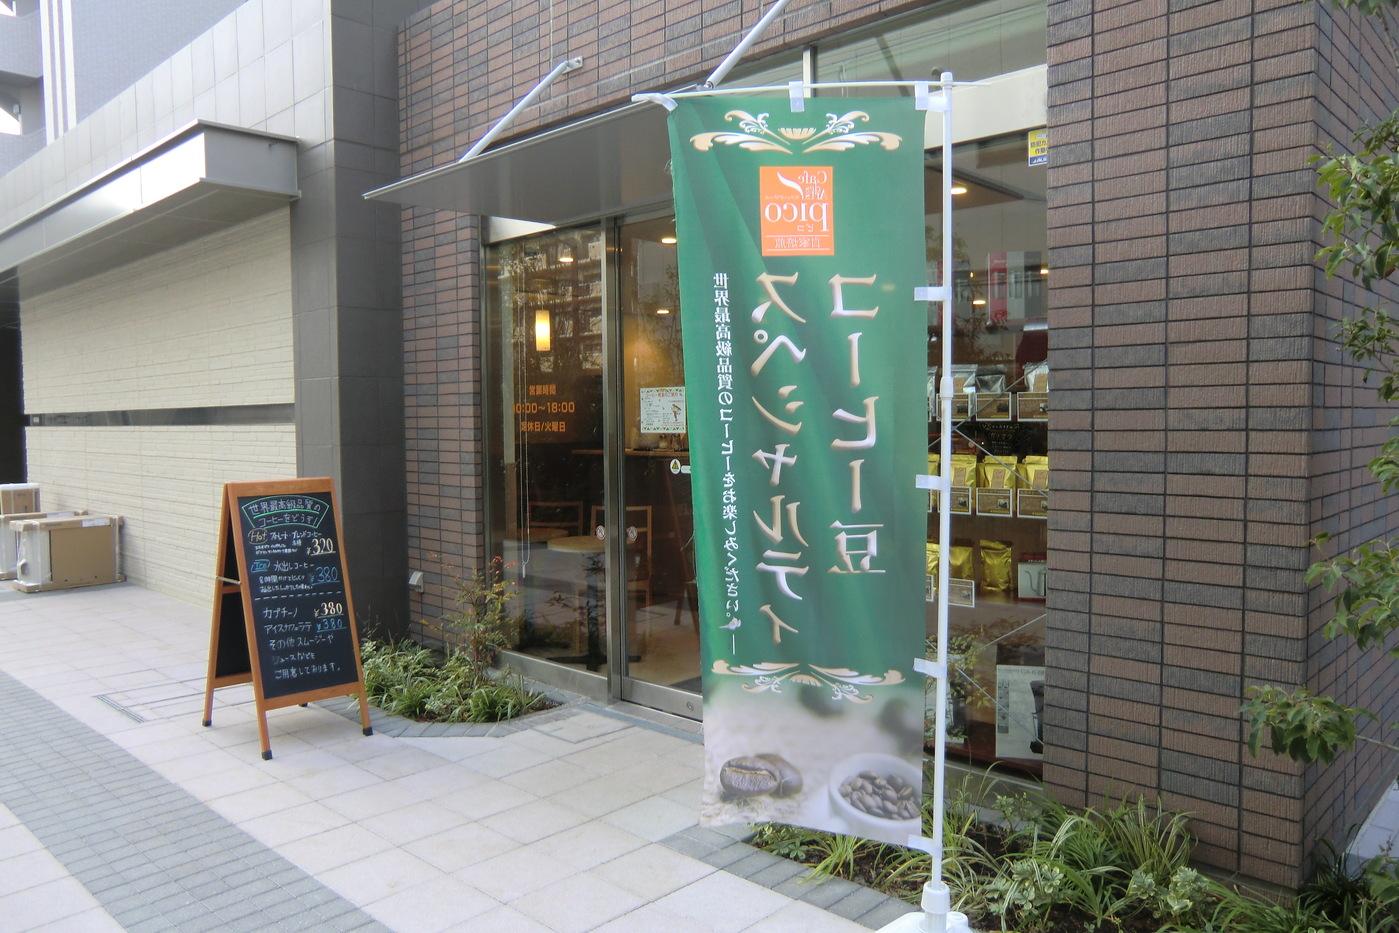 カフェ・デザール ピコ 調布国領店